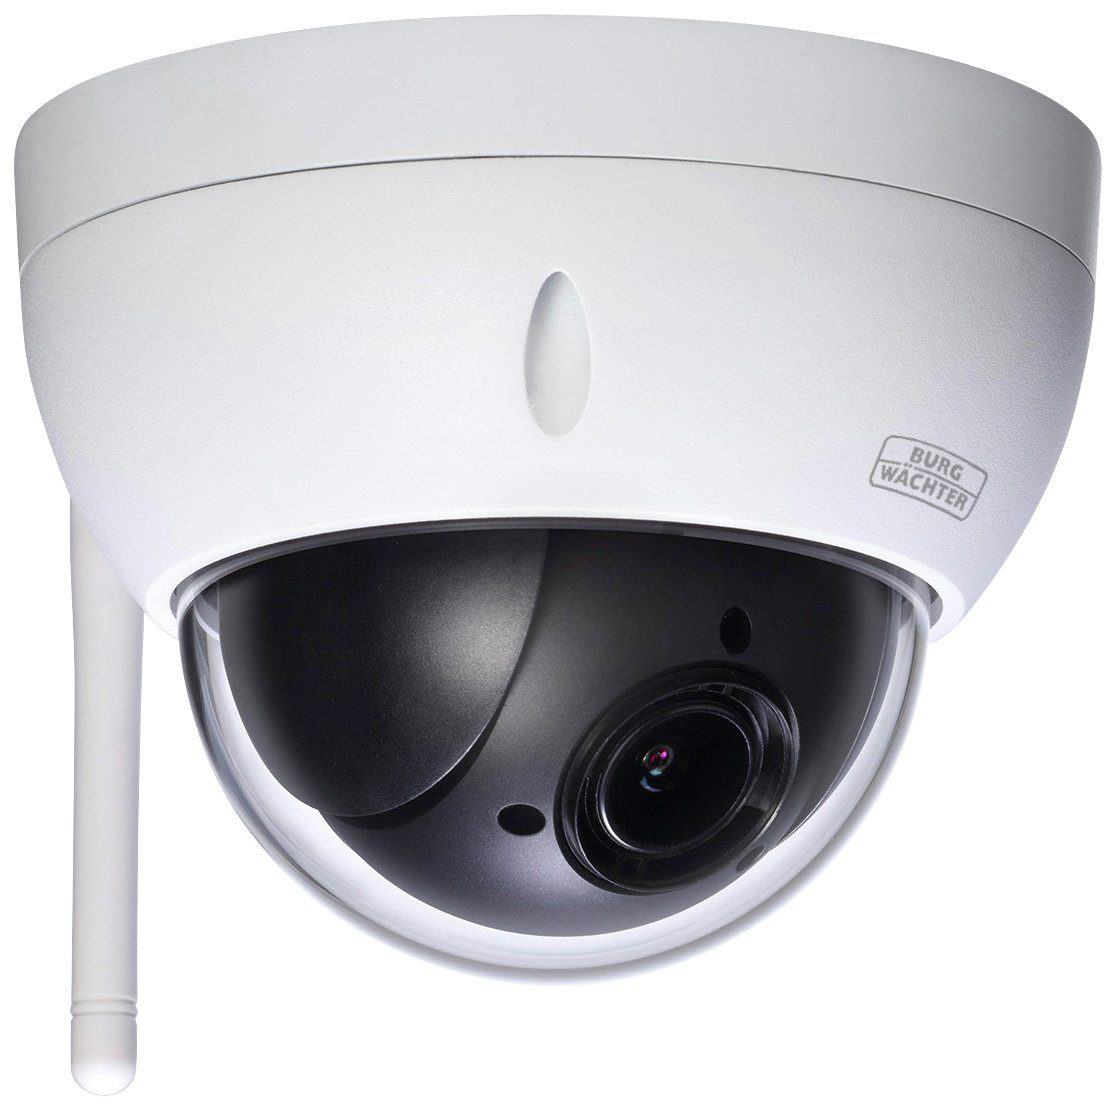 BURG WÄCHTER Überwachungskamera »BURGcam ZOOM 3060«, Videotechnik